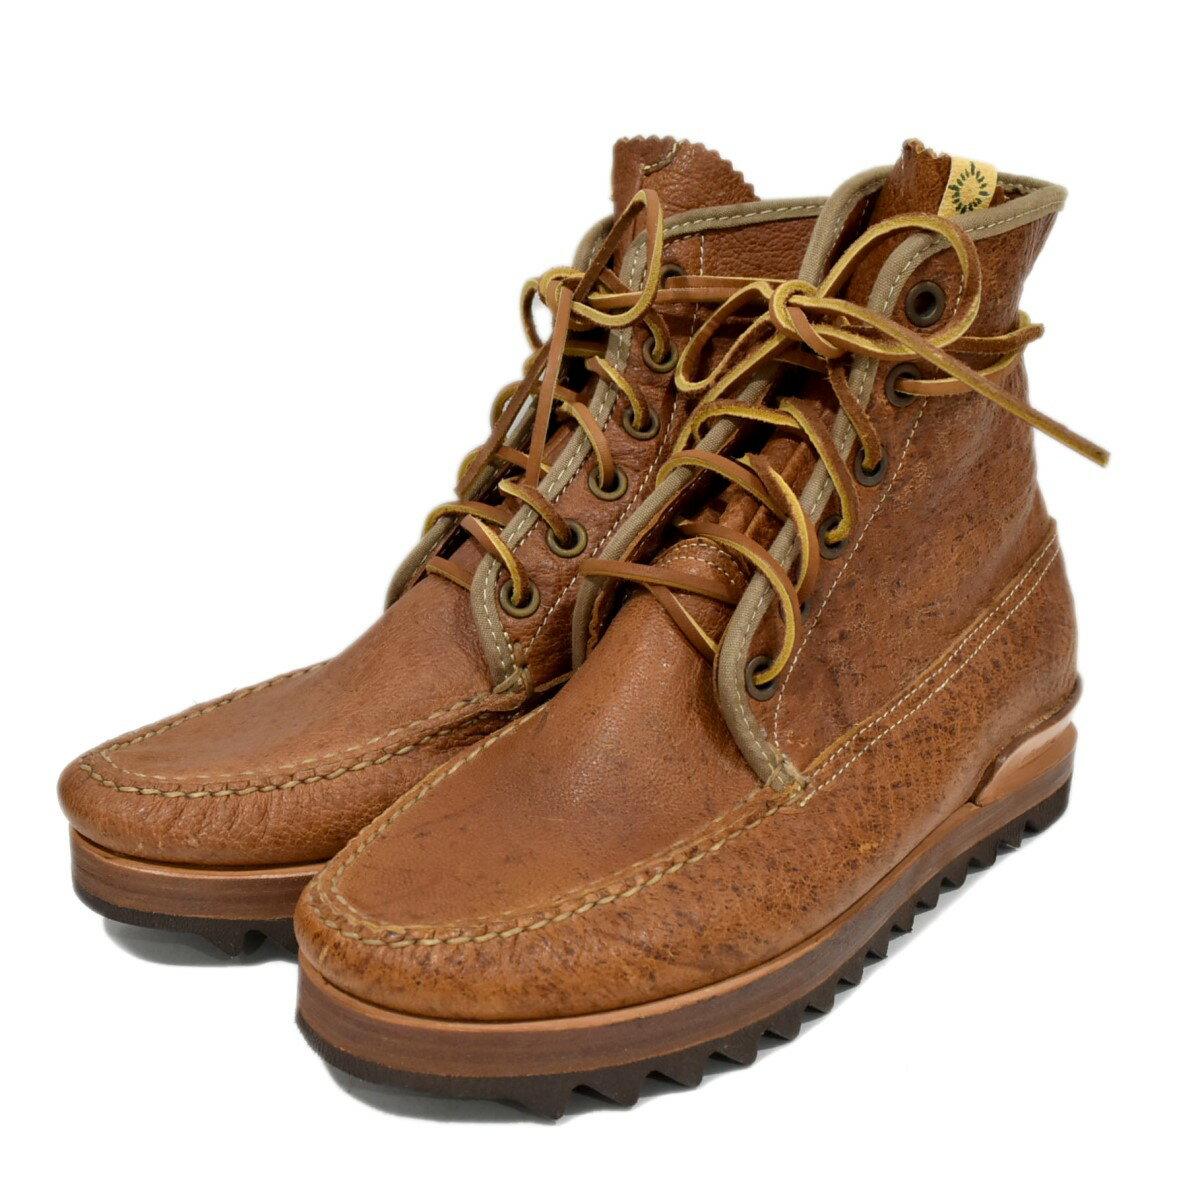 ブーツ, その他 VISVIM 12AW PLATTE BOOTS HI-FOLK US9 27cm 120321